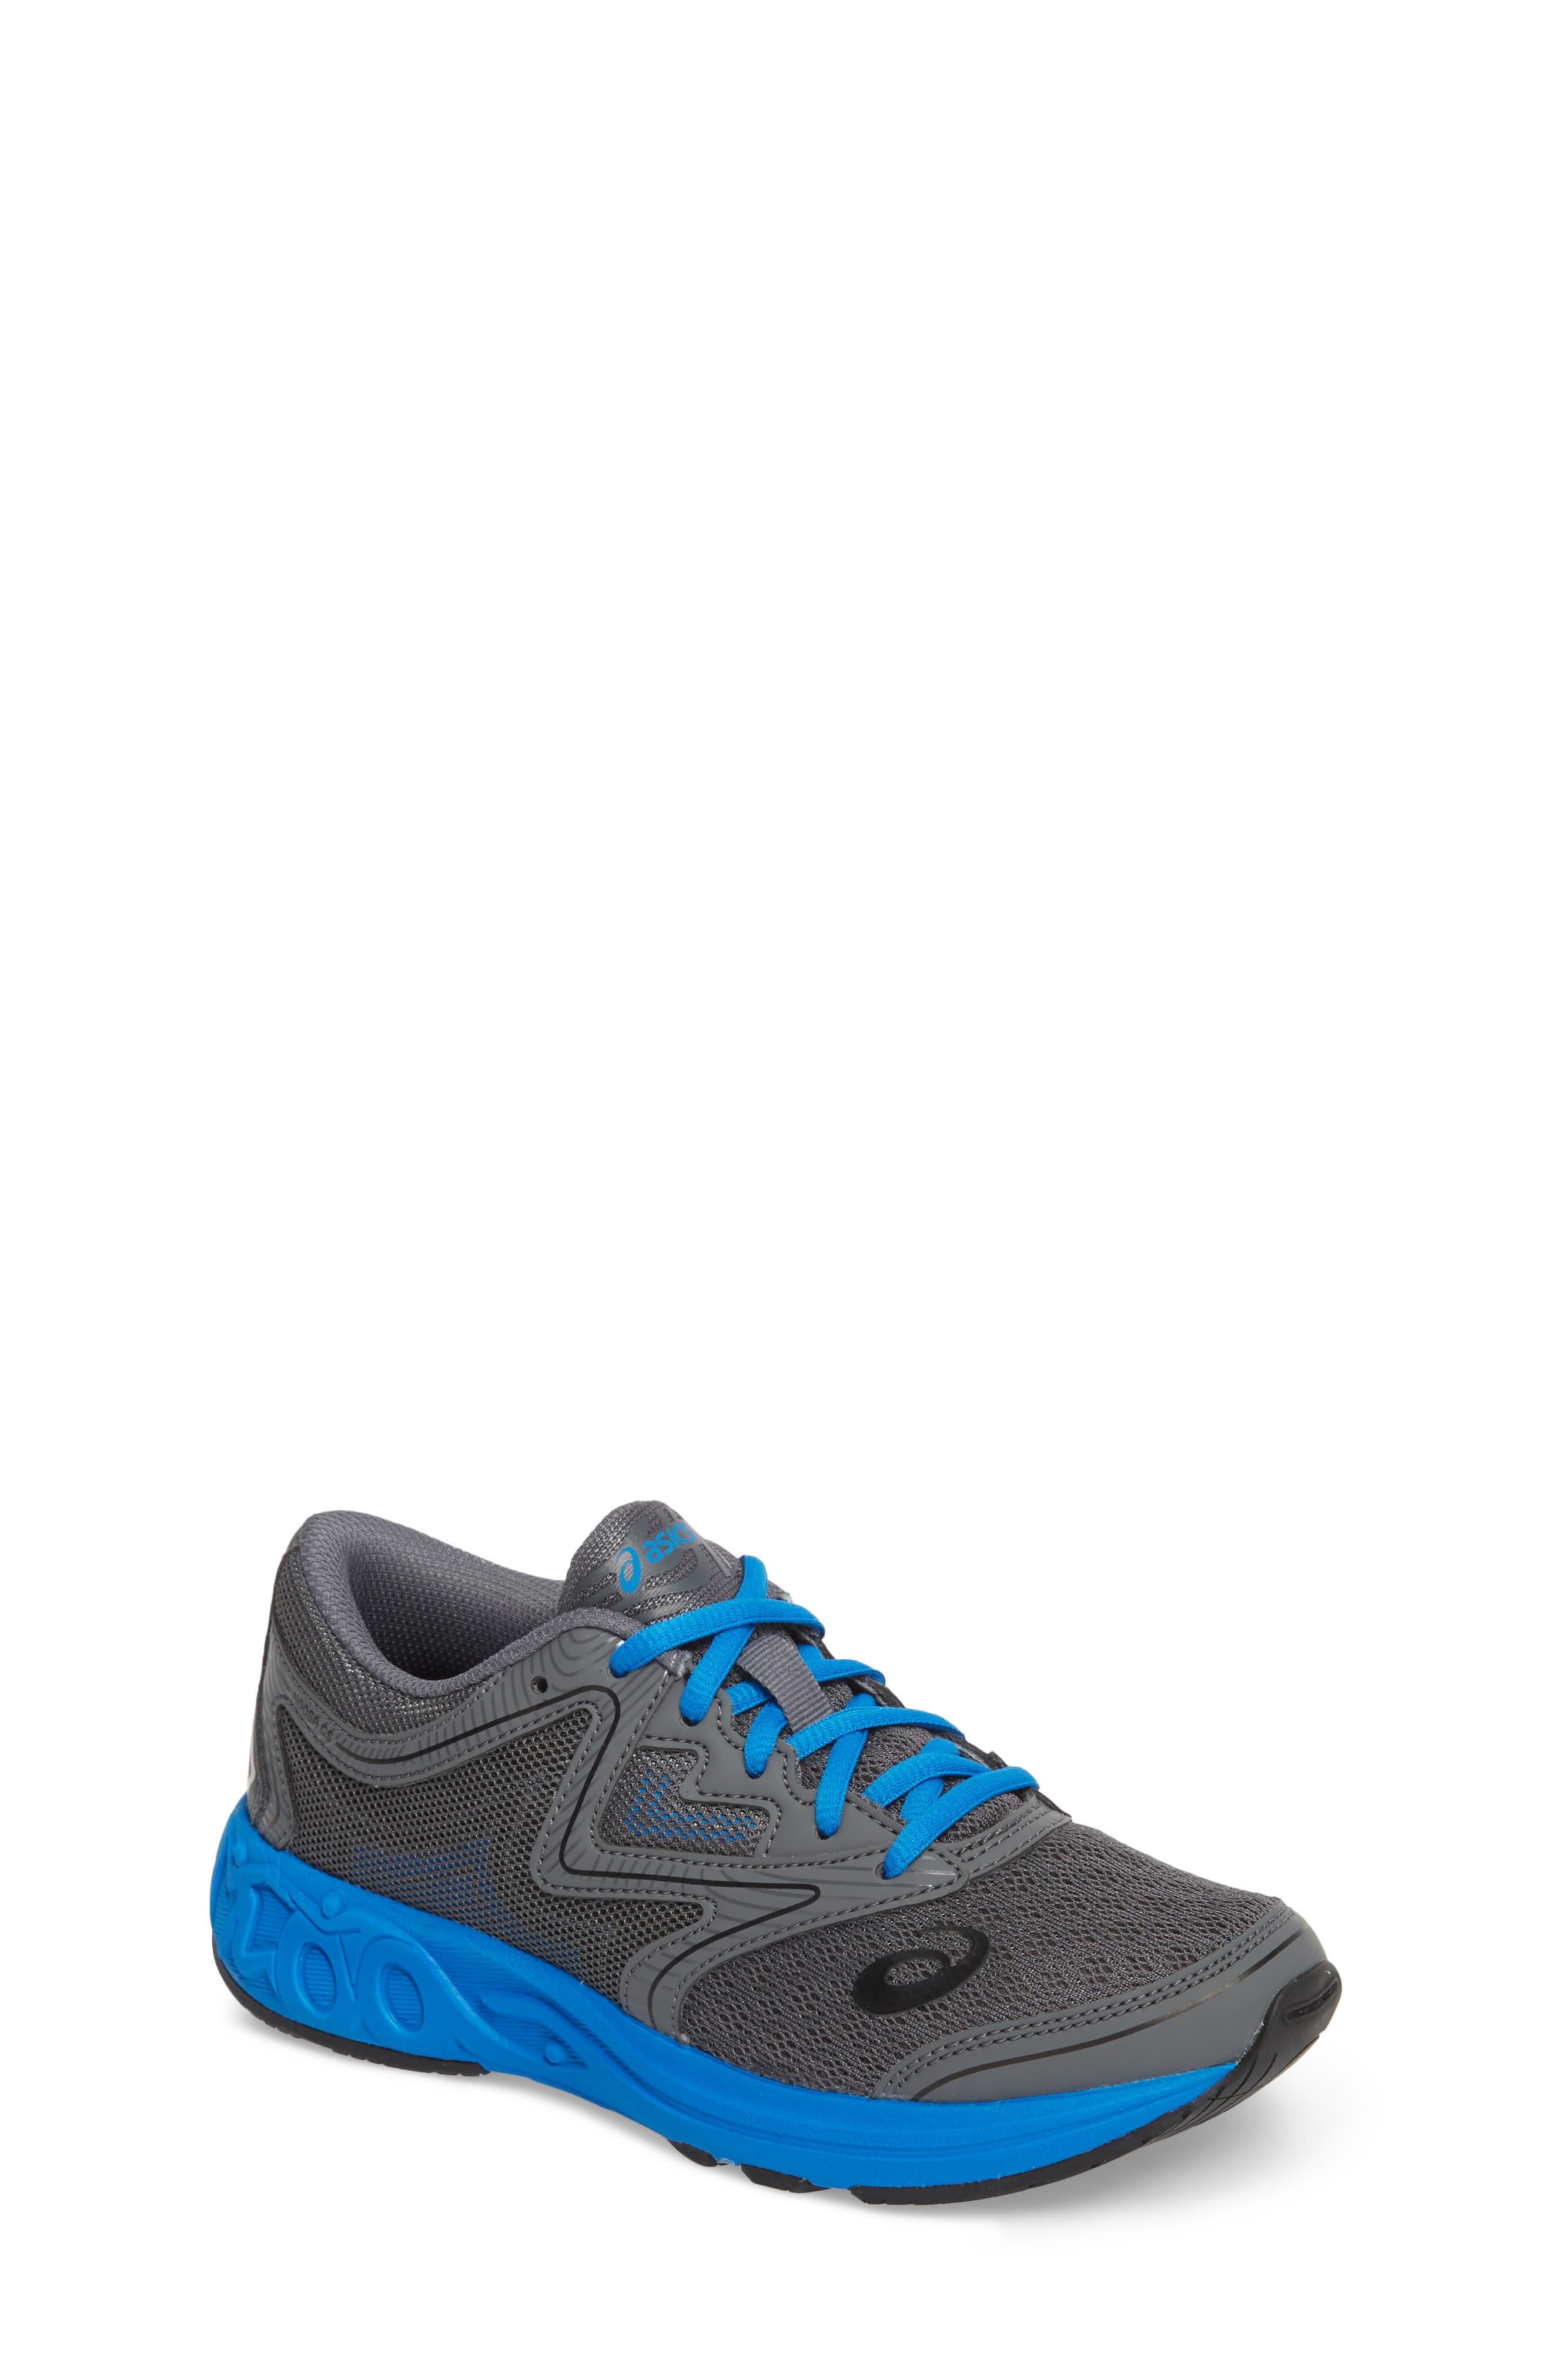 Noosa GS Sneaker,                         Main,                         color, CARBON/ DIRECTOIRE BLUE/ BLACK